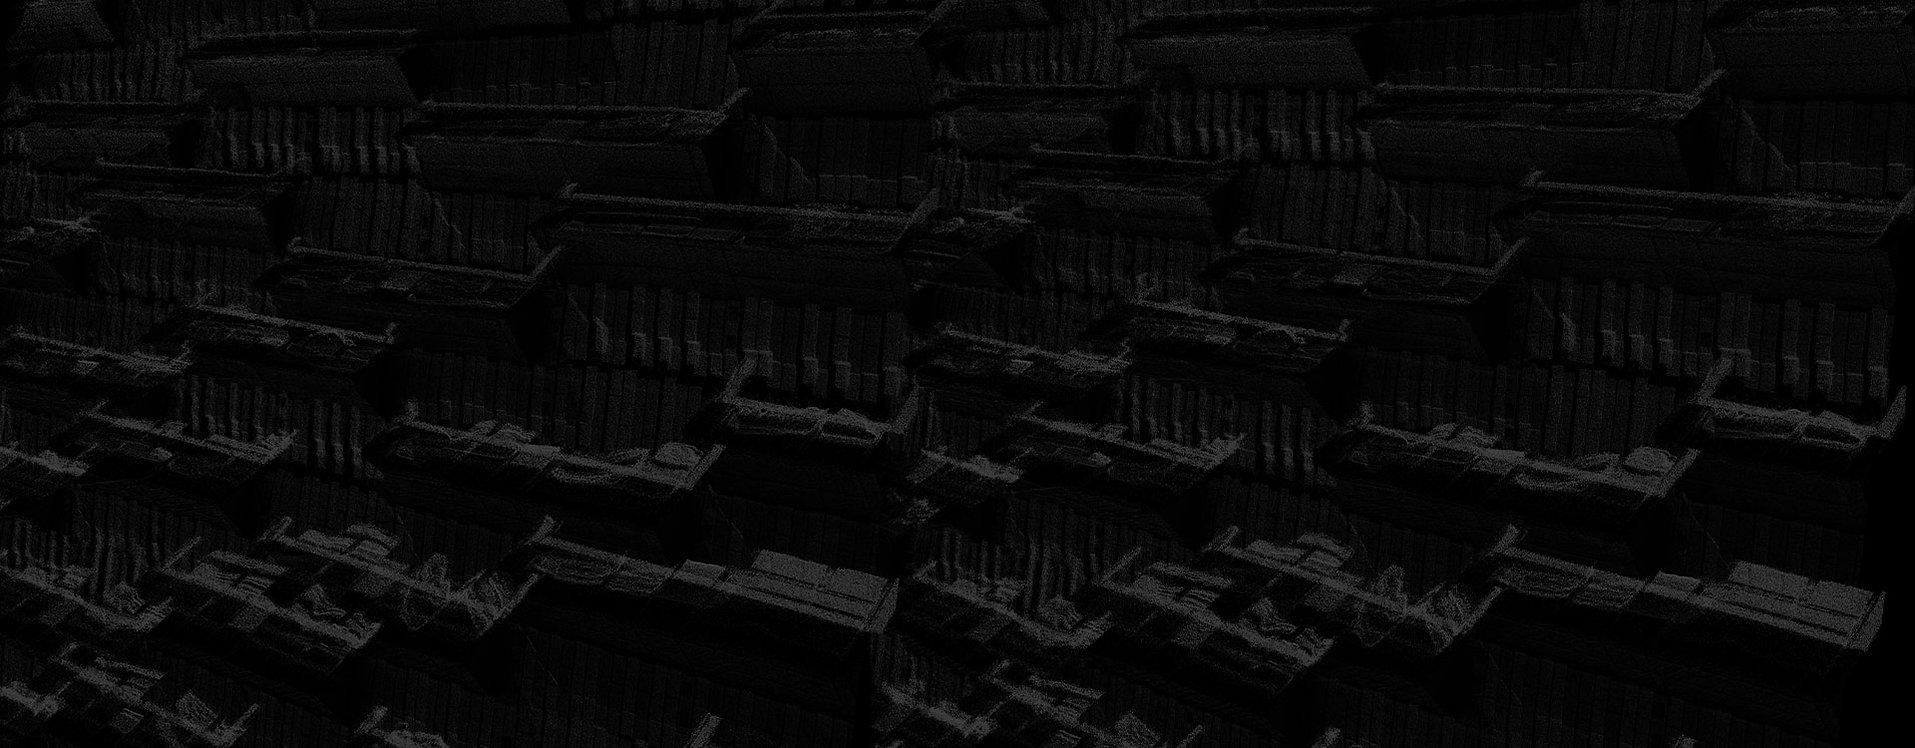 website_background_texture_01.jpg